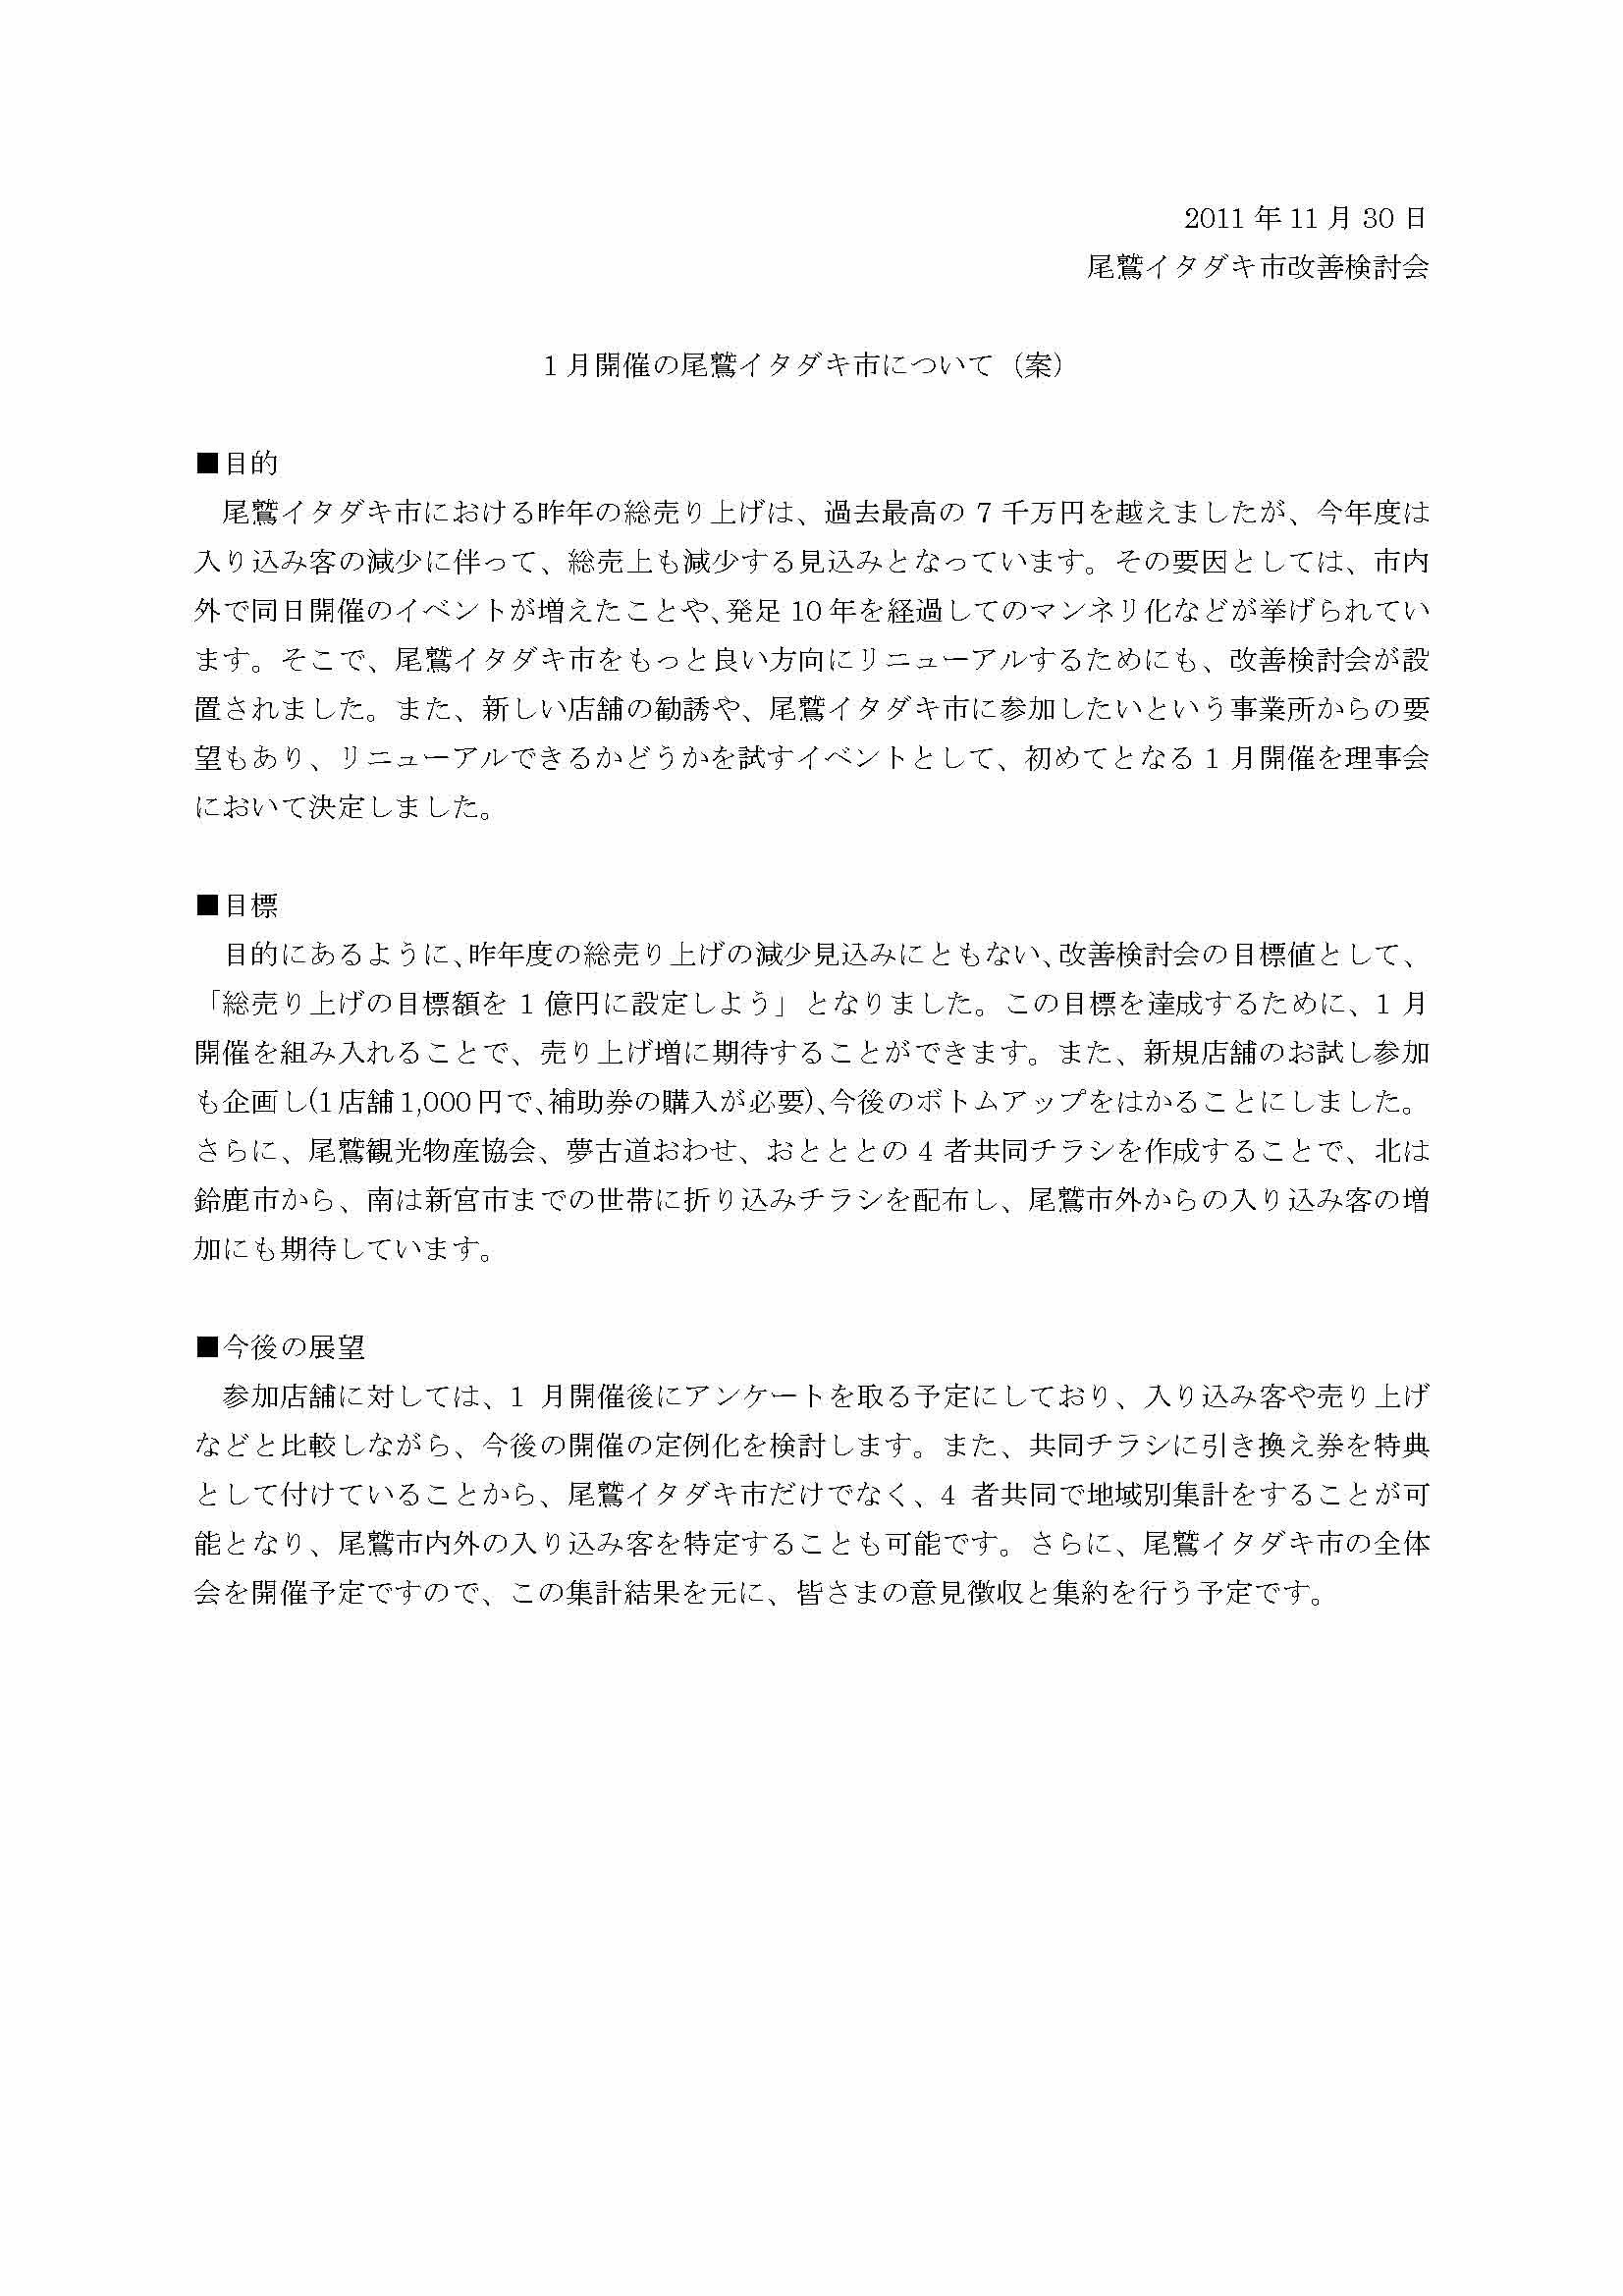 初開催となる、1月の尾鷲イタダキ市の概要について_c0010936_01274.jpg